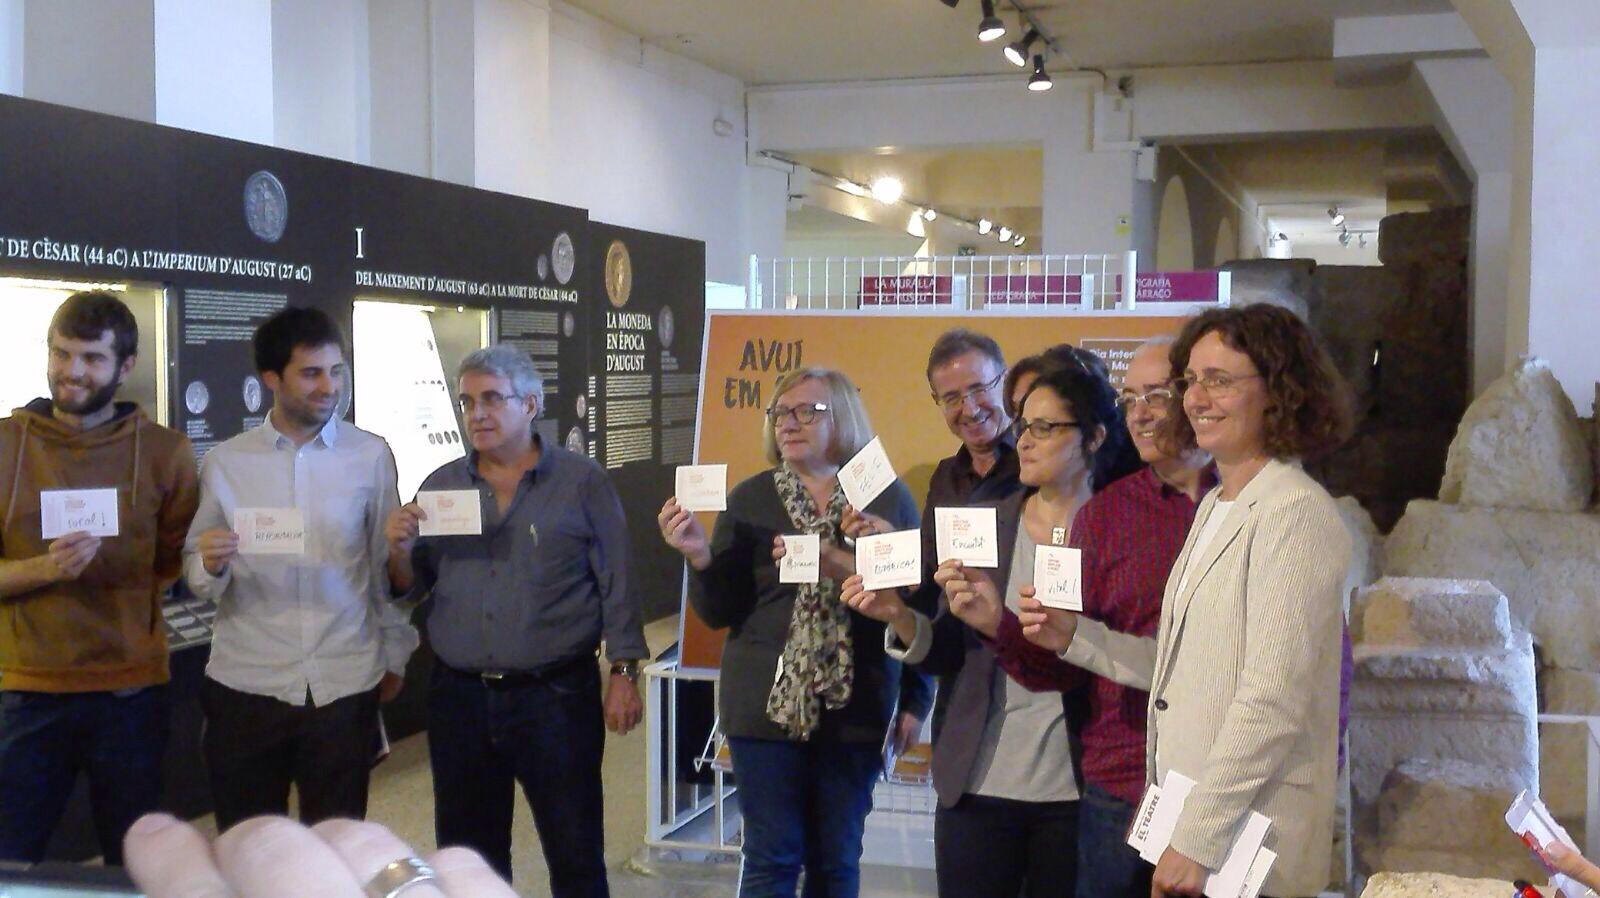 Els museus del Camp de Tarragona i Terres de l'Ebre programen activitats especials per al Dia Internacional dels Museus 2017